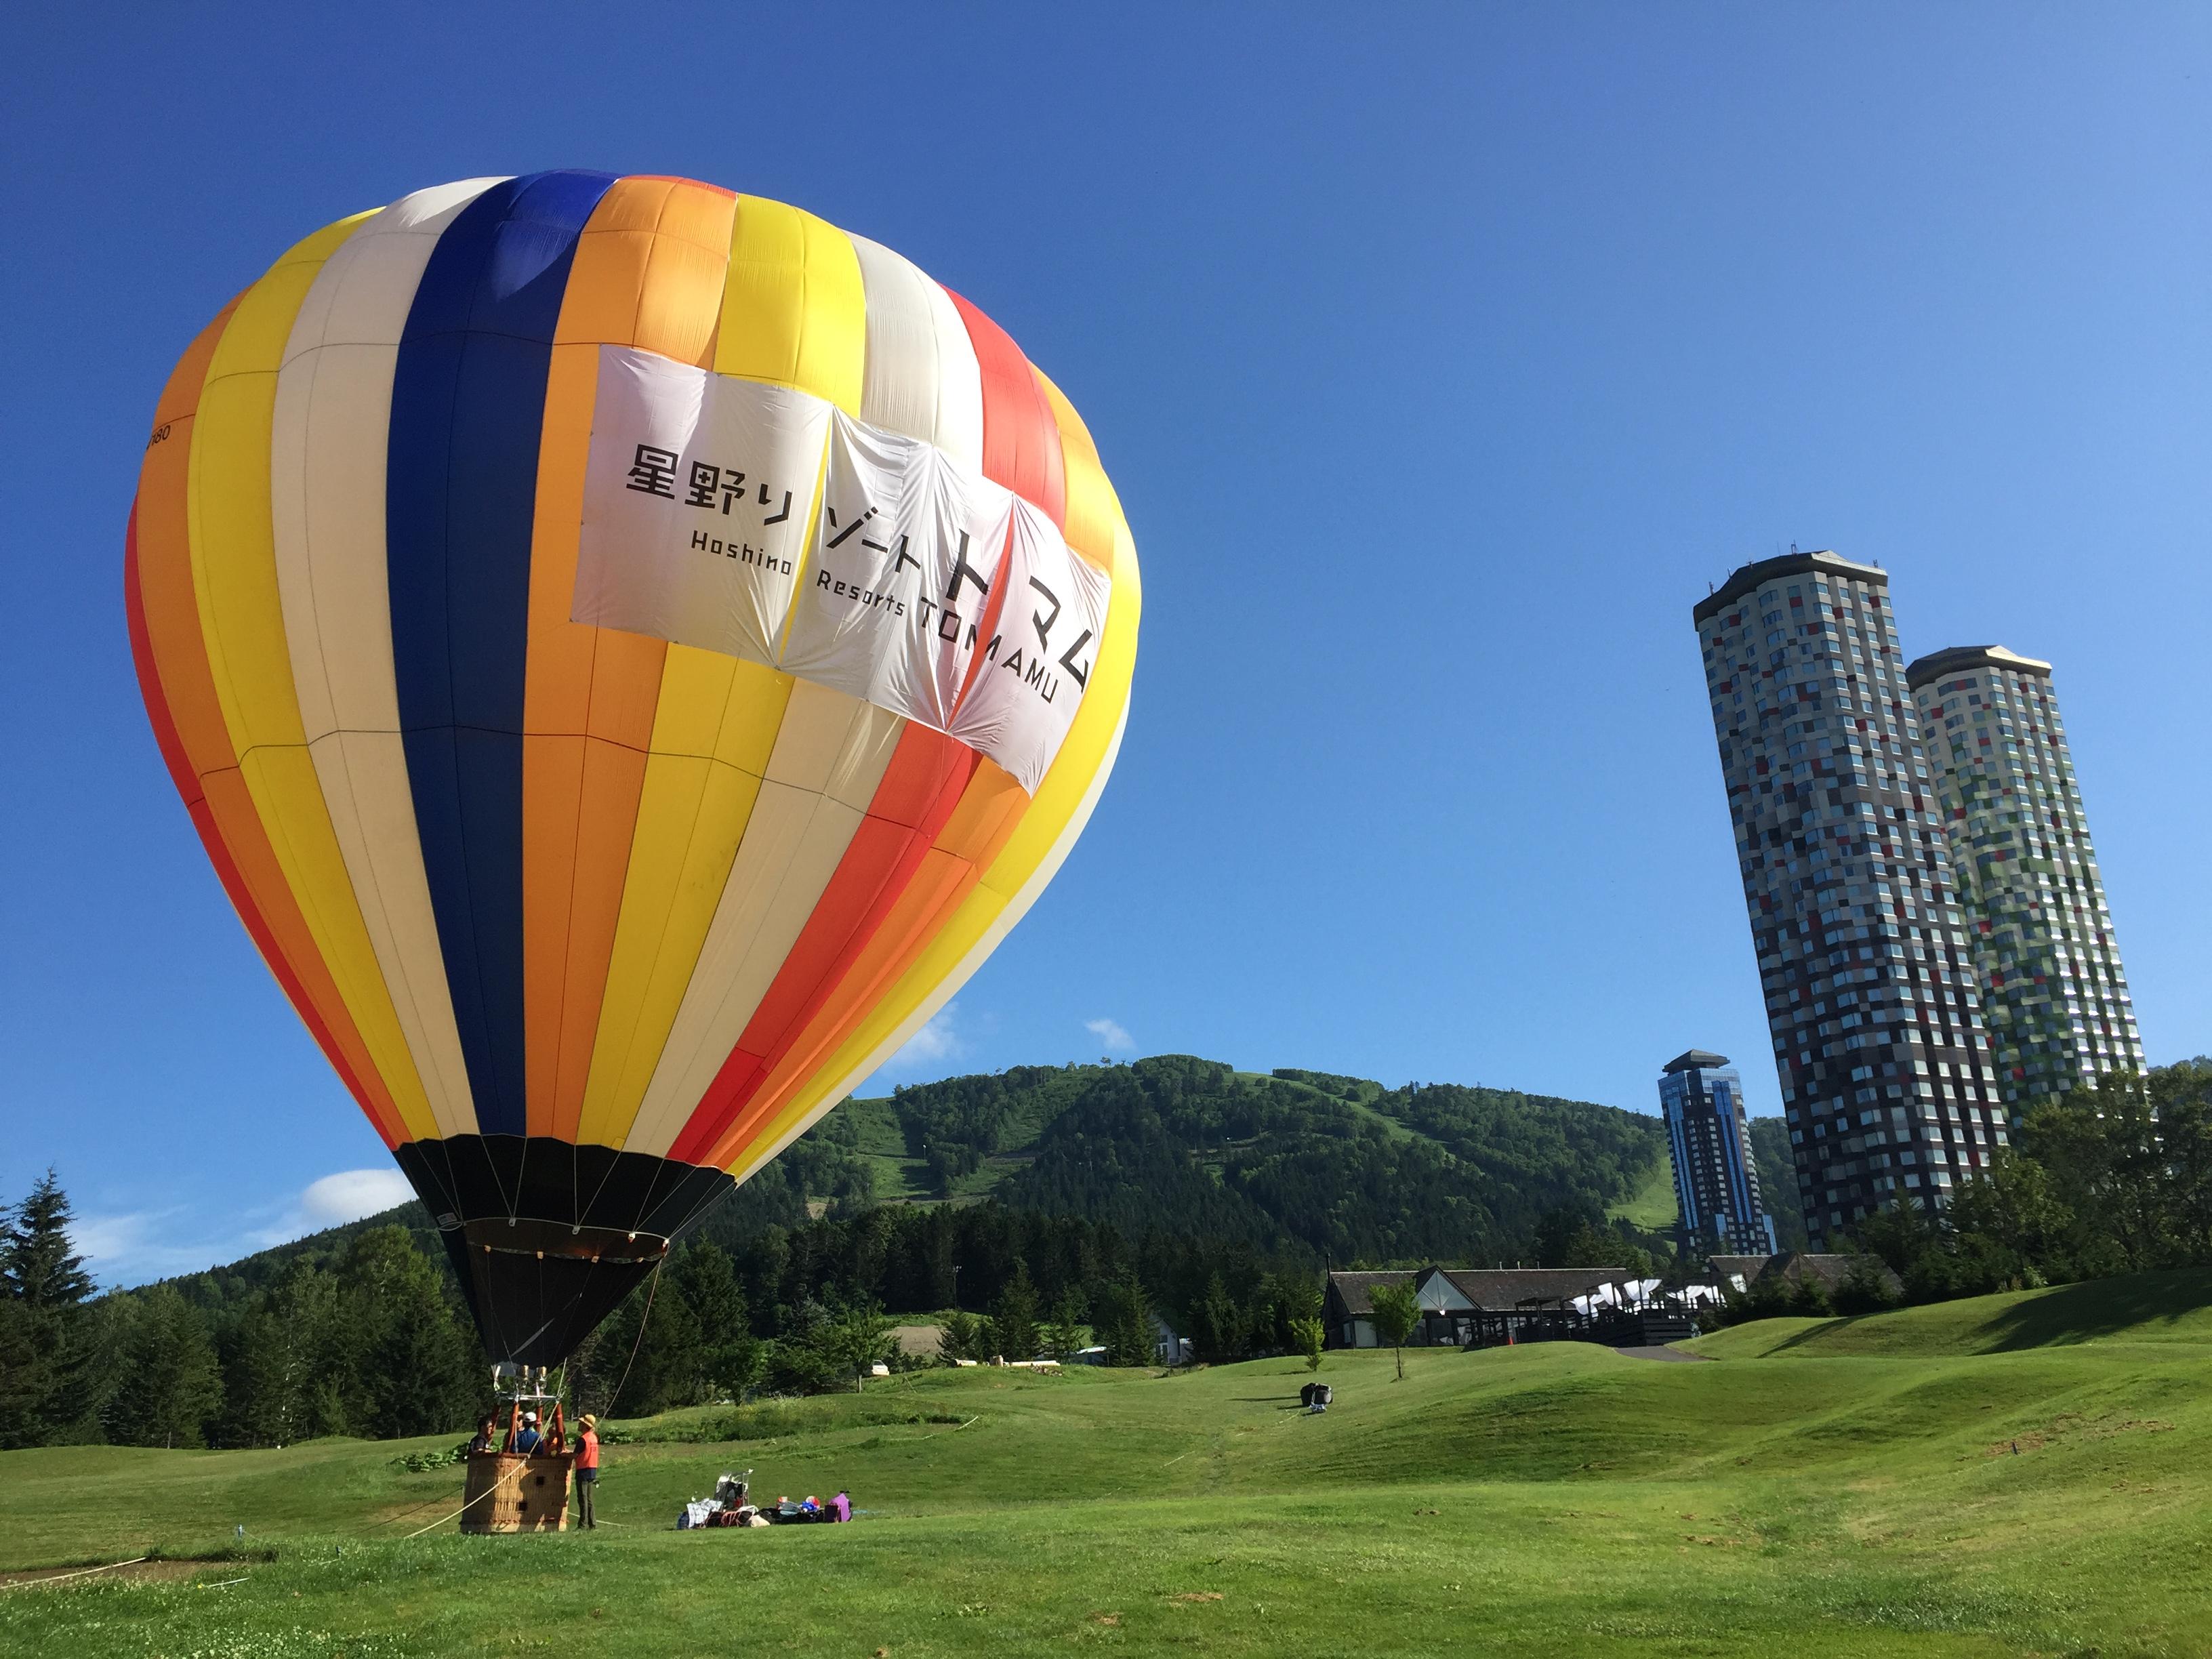 熱気球搭乗体験イベントのイメージ